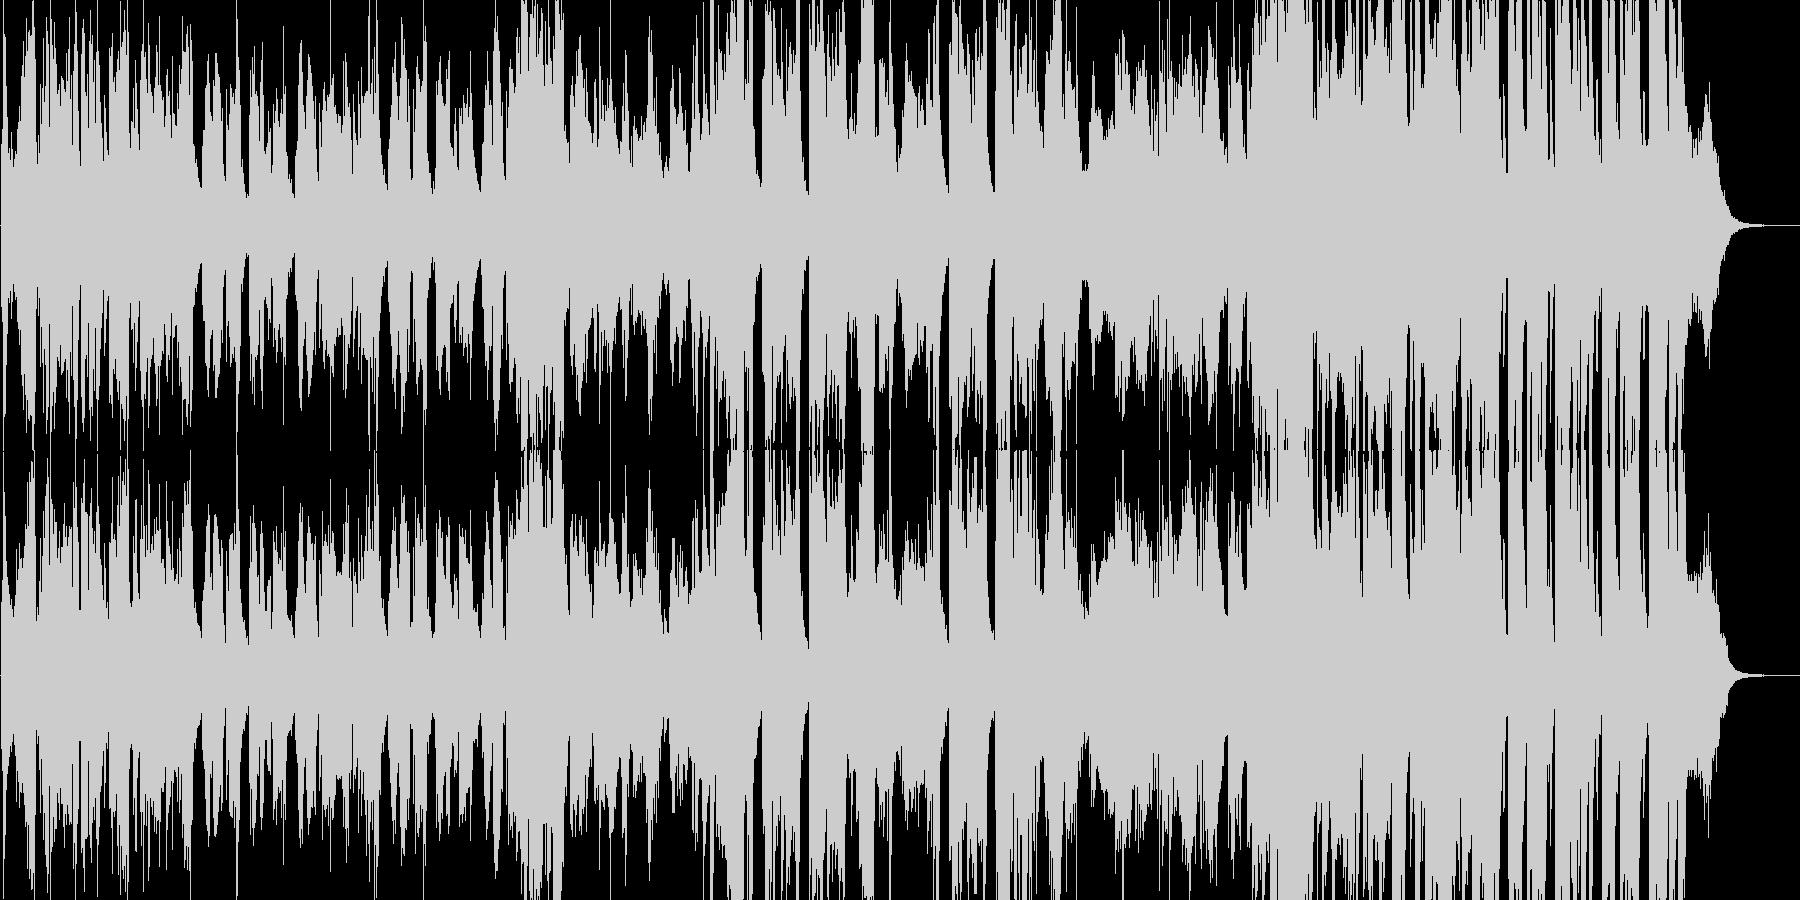 【ベース無し】ジャズ・おしゃれ・バー・…の未再生の波形